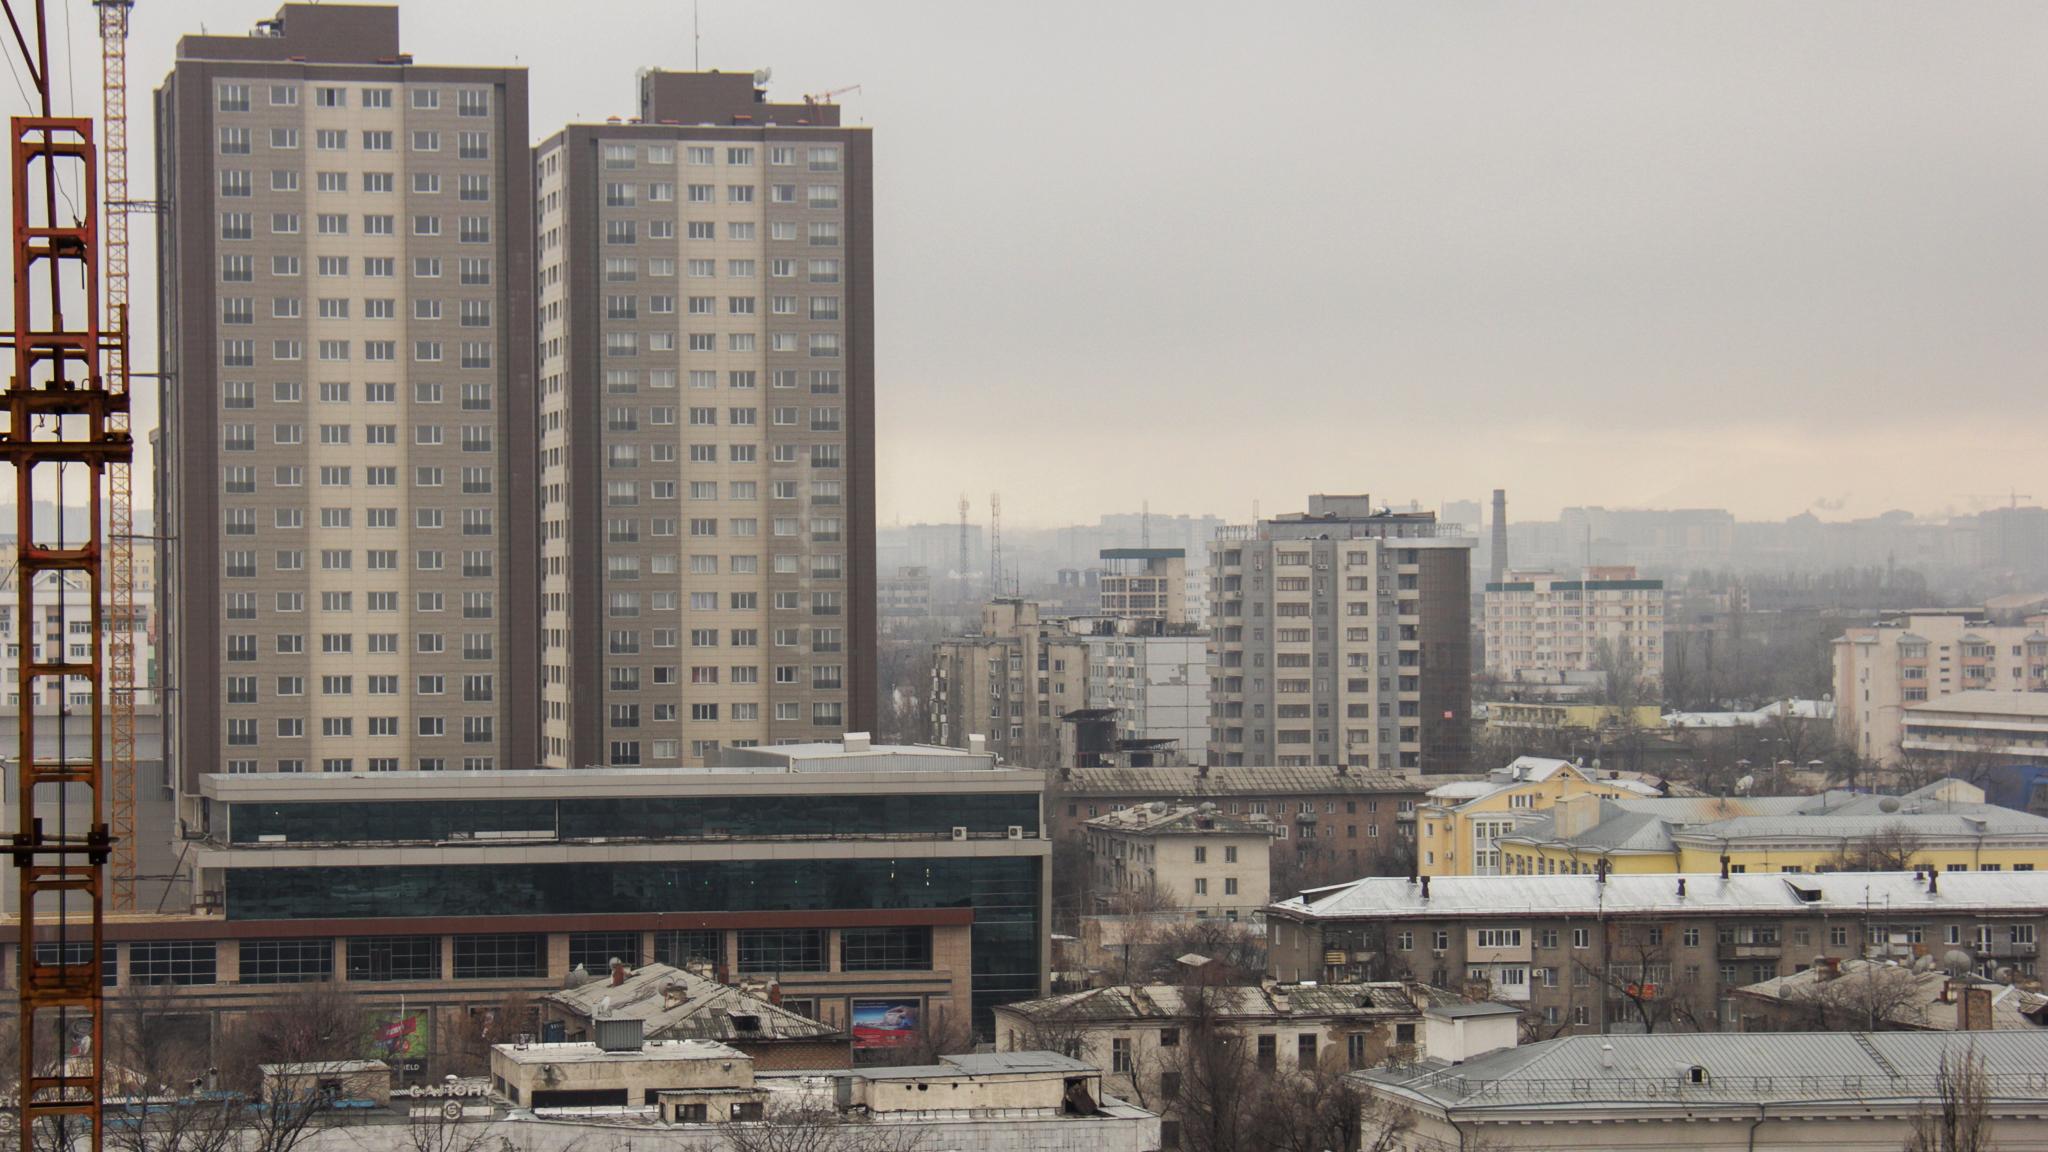 Бишкек парк неузнаваем, если смотреть на него сверху. Правда, ничего волшебного в его бетонных коробках нет.